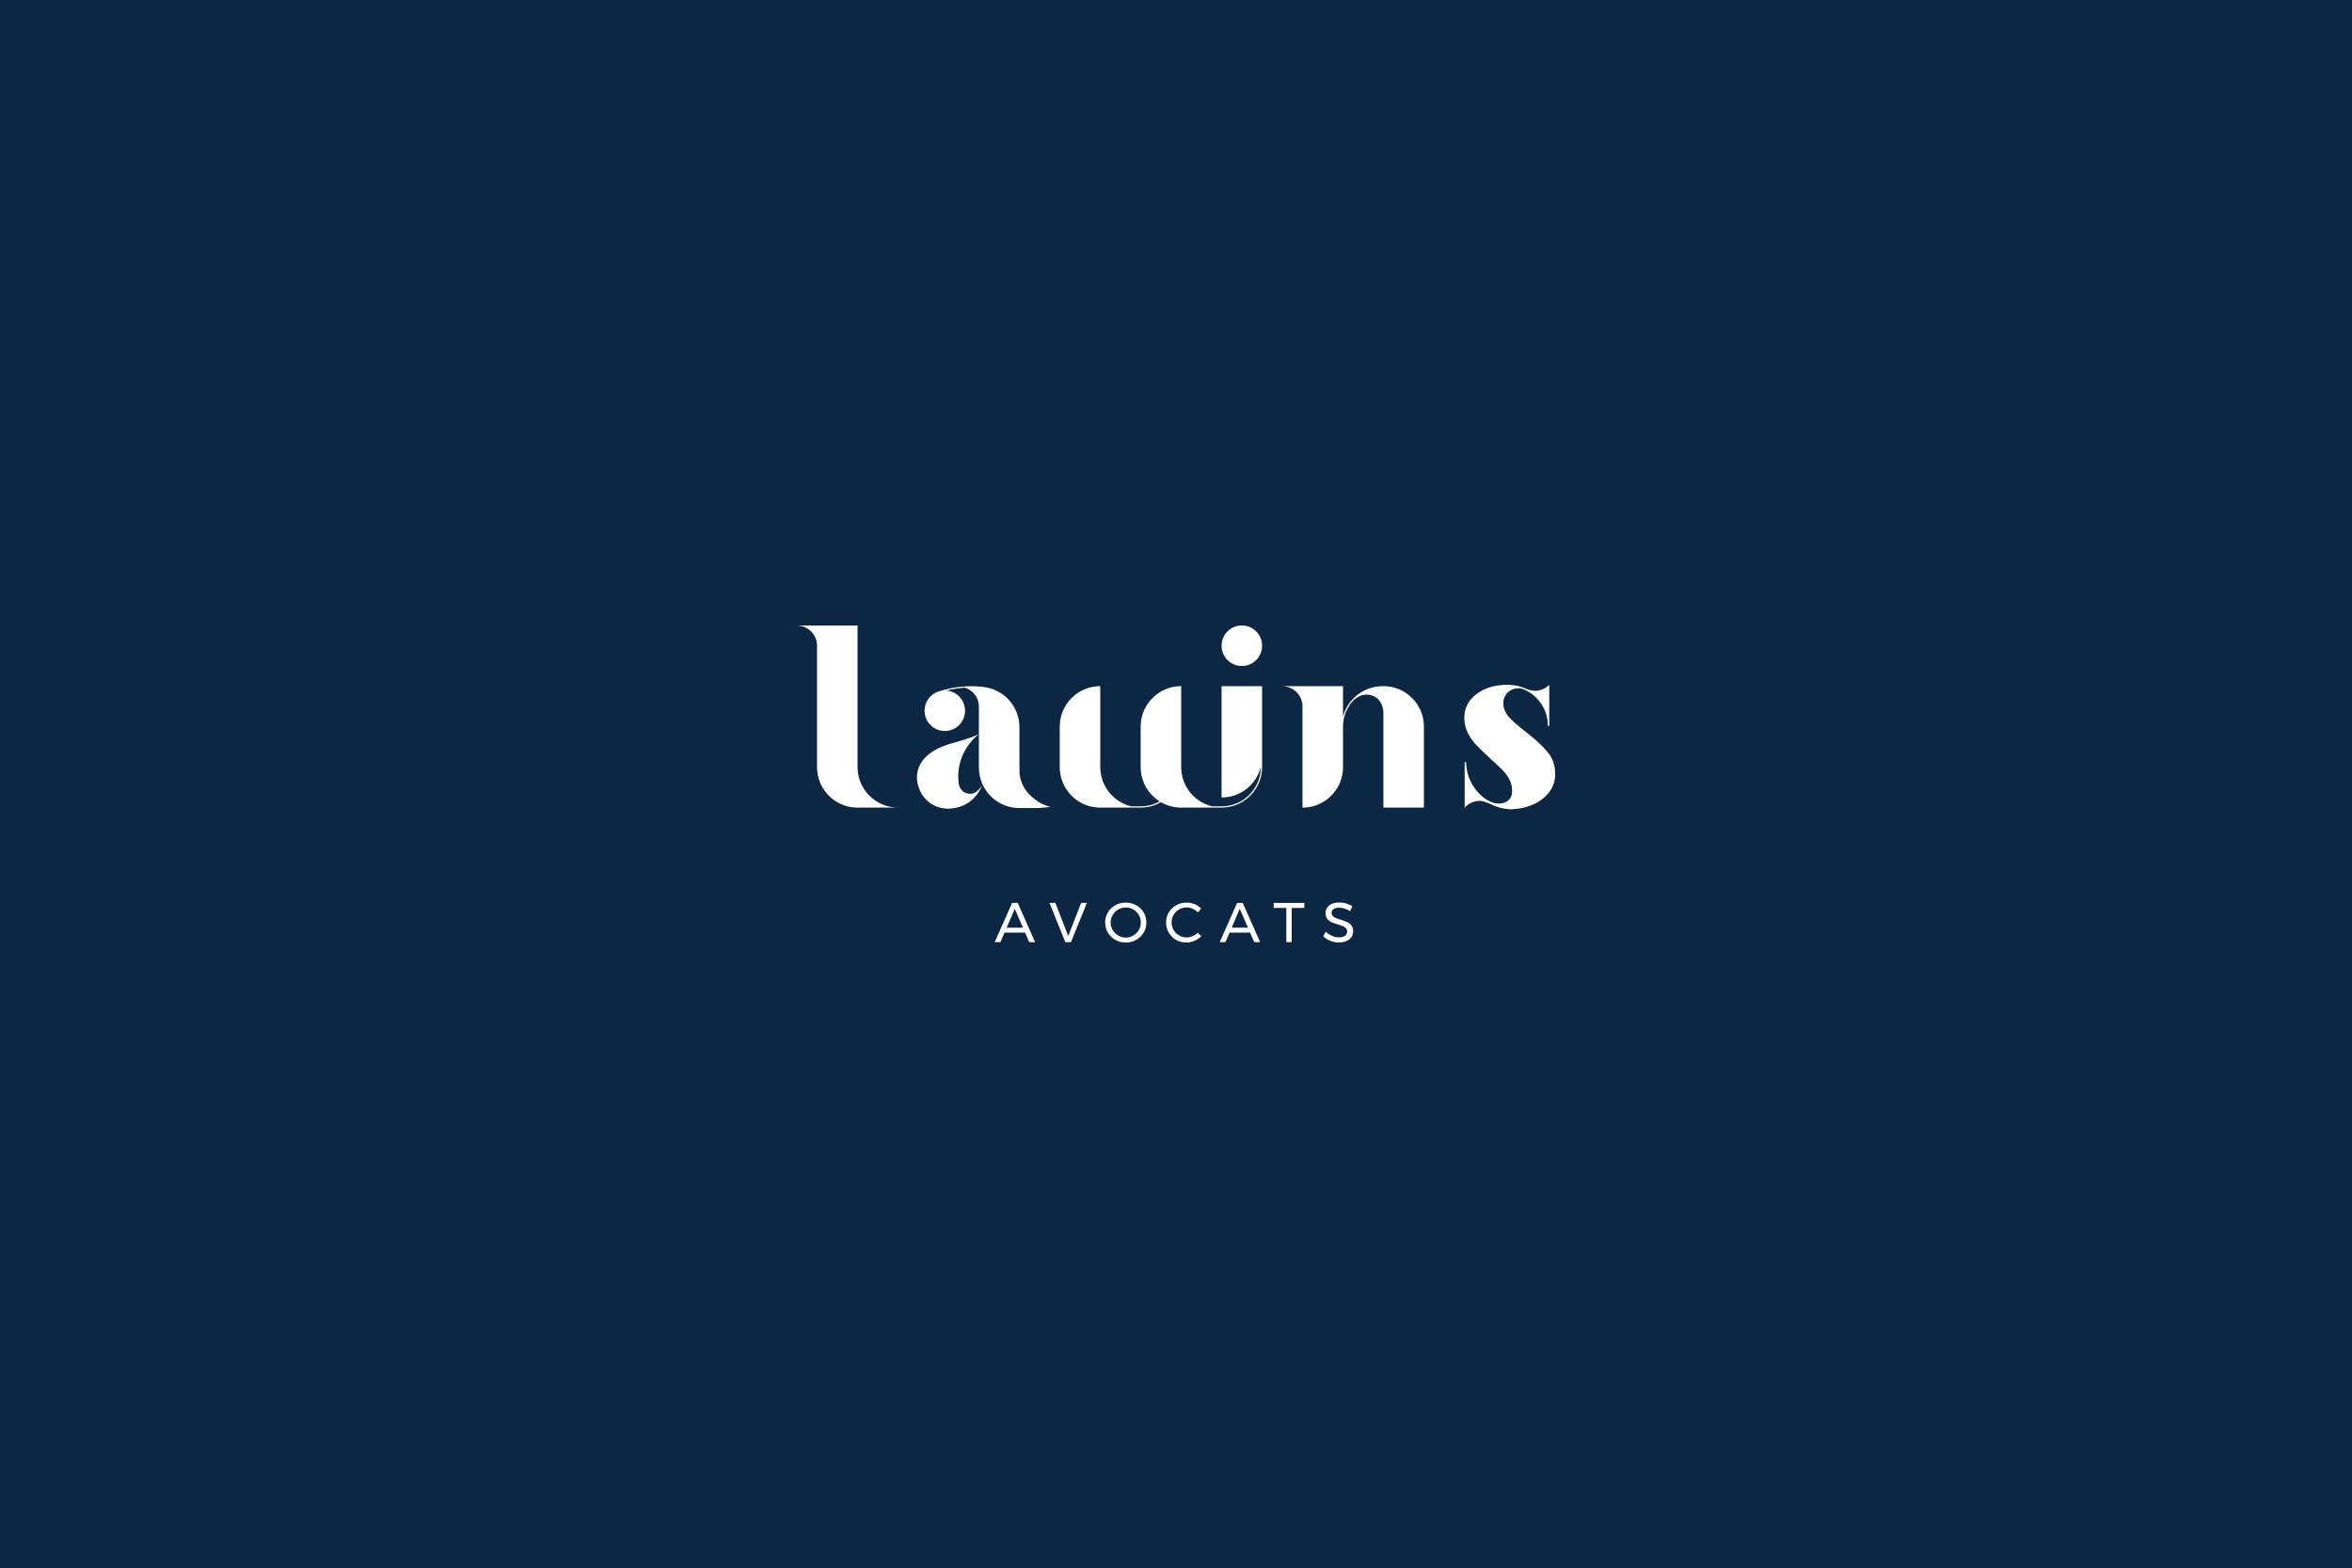 lawins-avocats-logo-better-stronger-paris.jpg